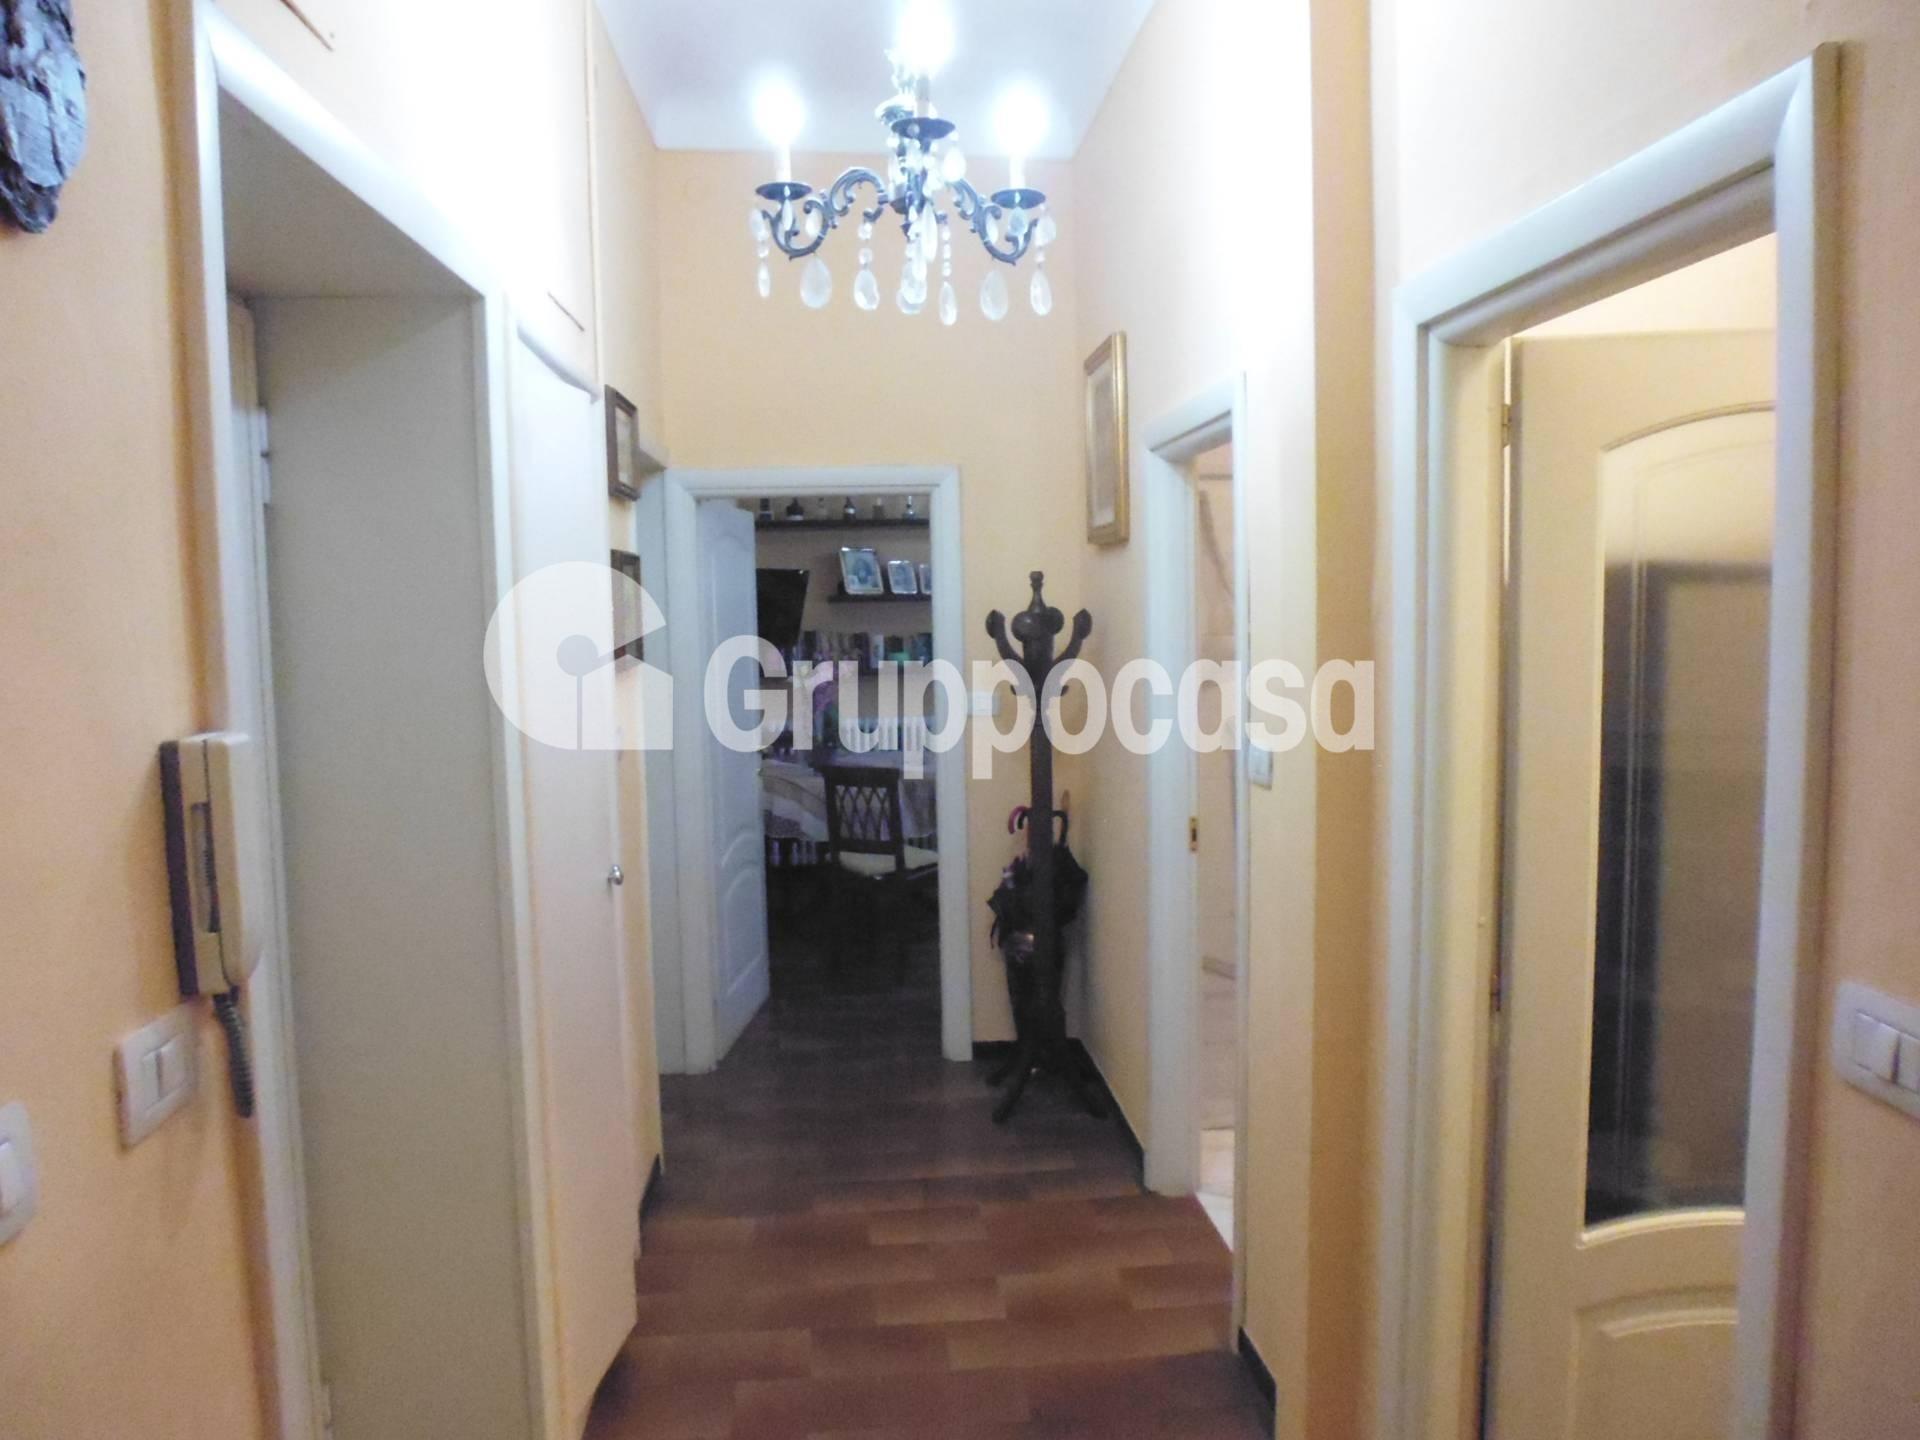 Appartamento in Vendita a Milano 30 Niguarda / Bovisasca / Testi / Bruzzano / Affori / Comasina: 4 locali, 125 mq